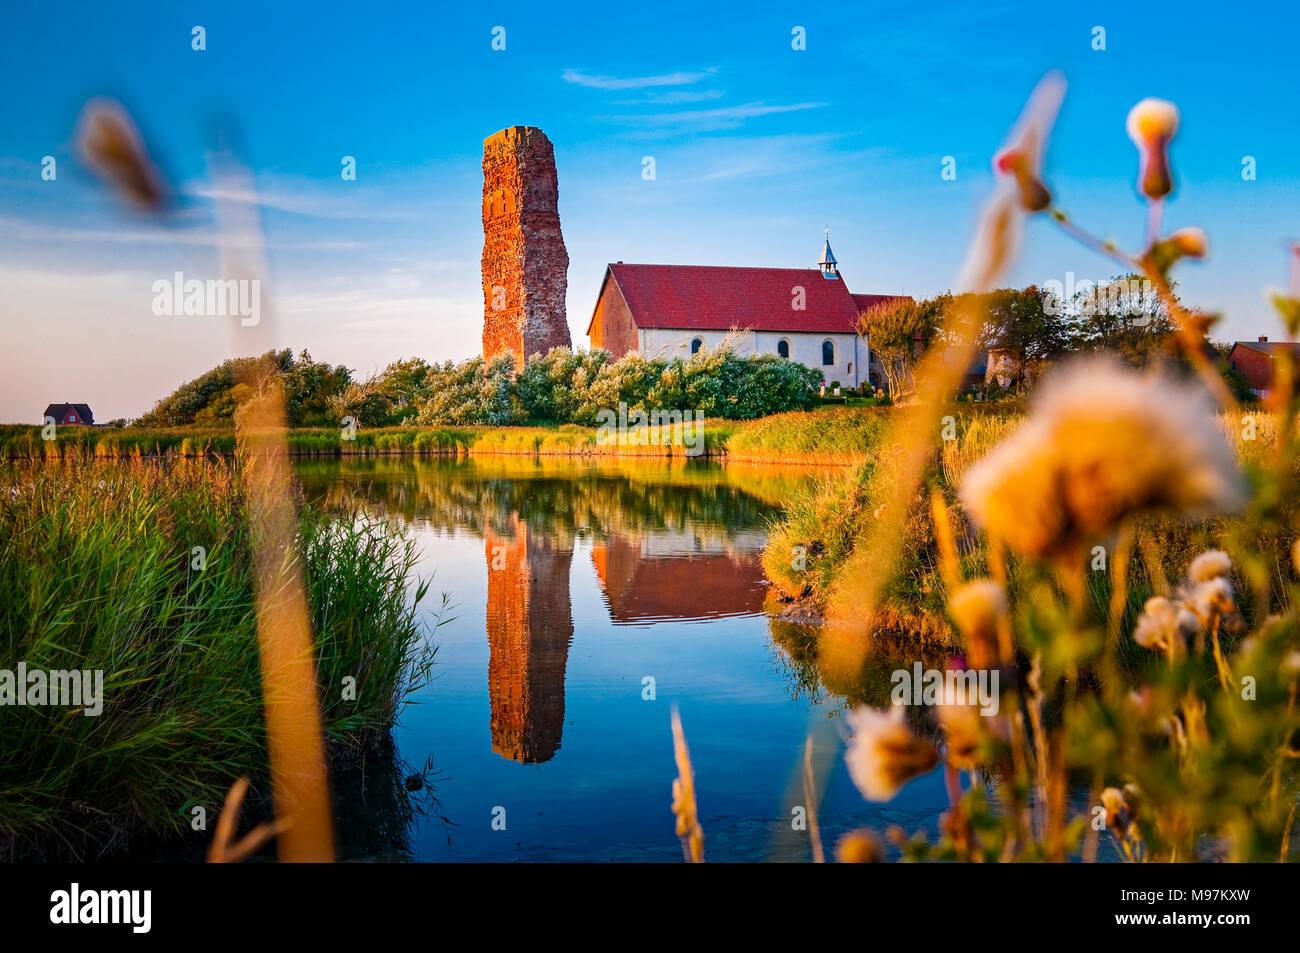 Deutschland, Schleswig-Holstein, Pellworm, Inselkirche St. Salvator, Turmruine Stockbild